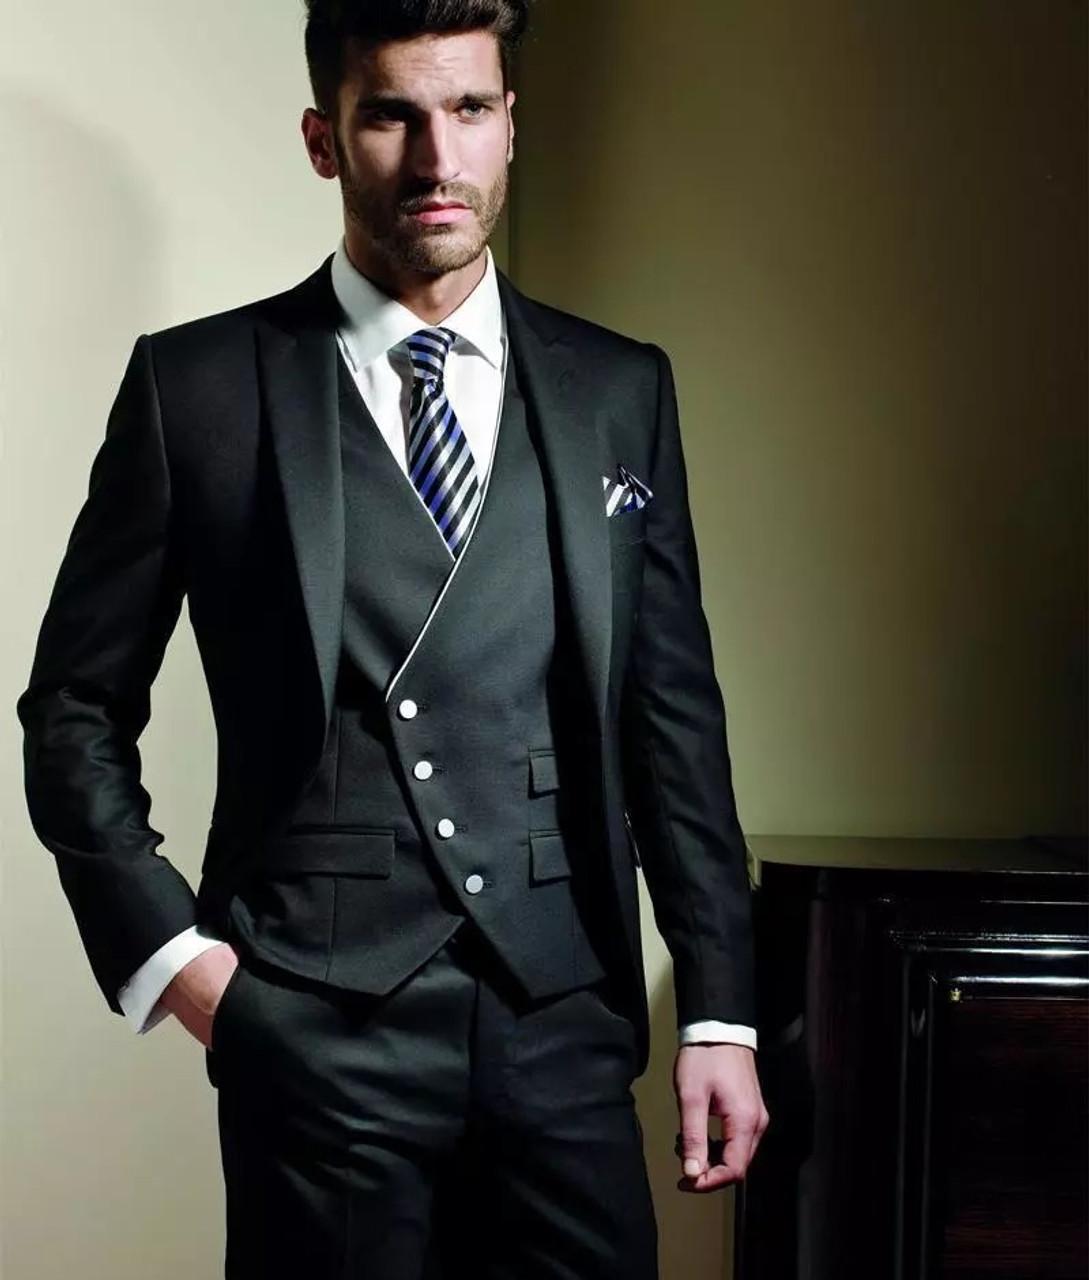 Image result for Wedding Suit: men